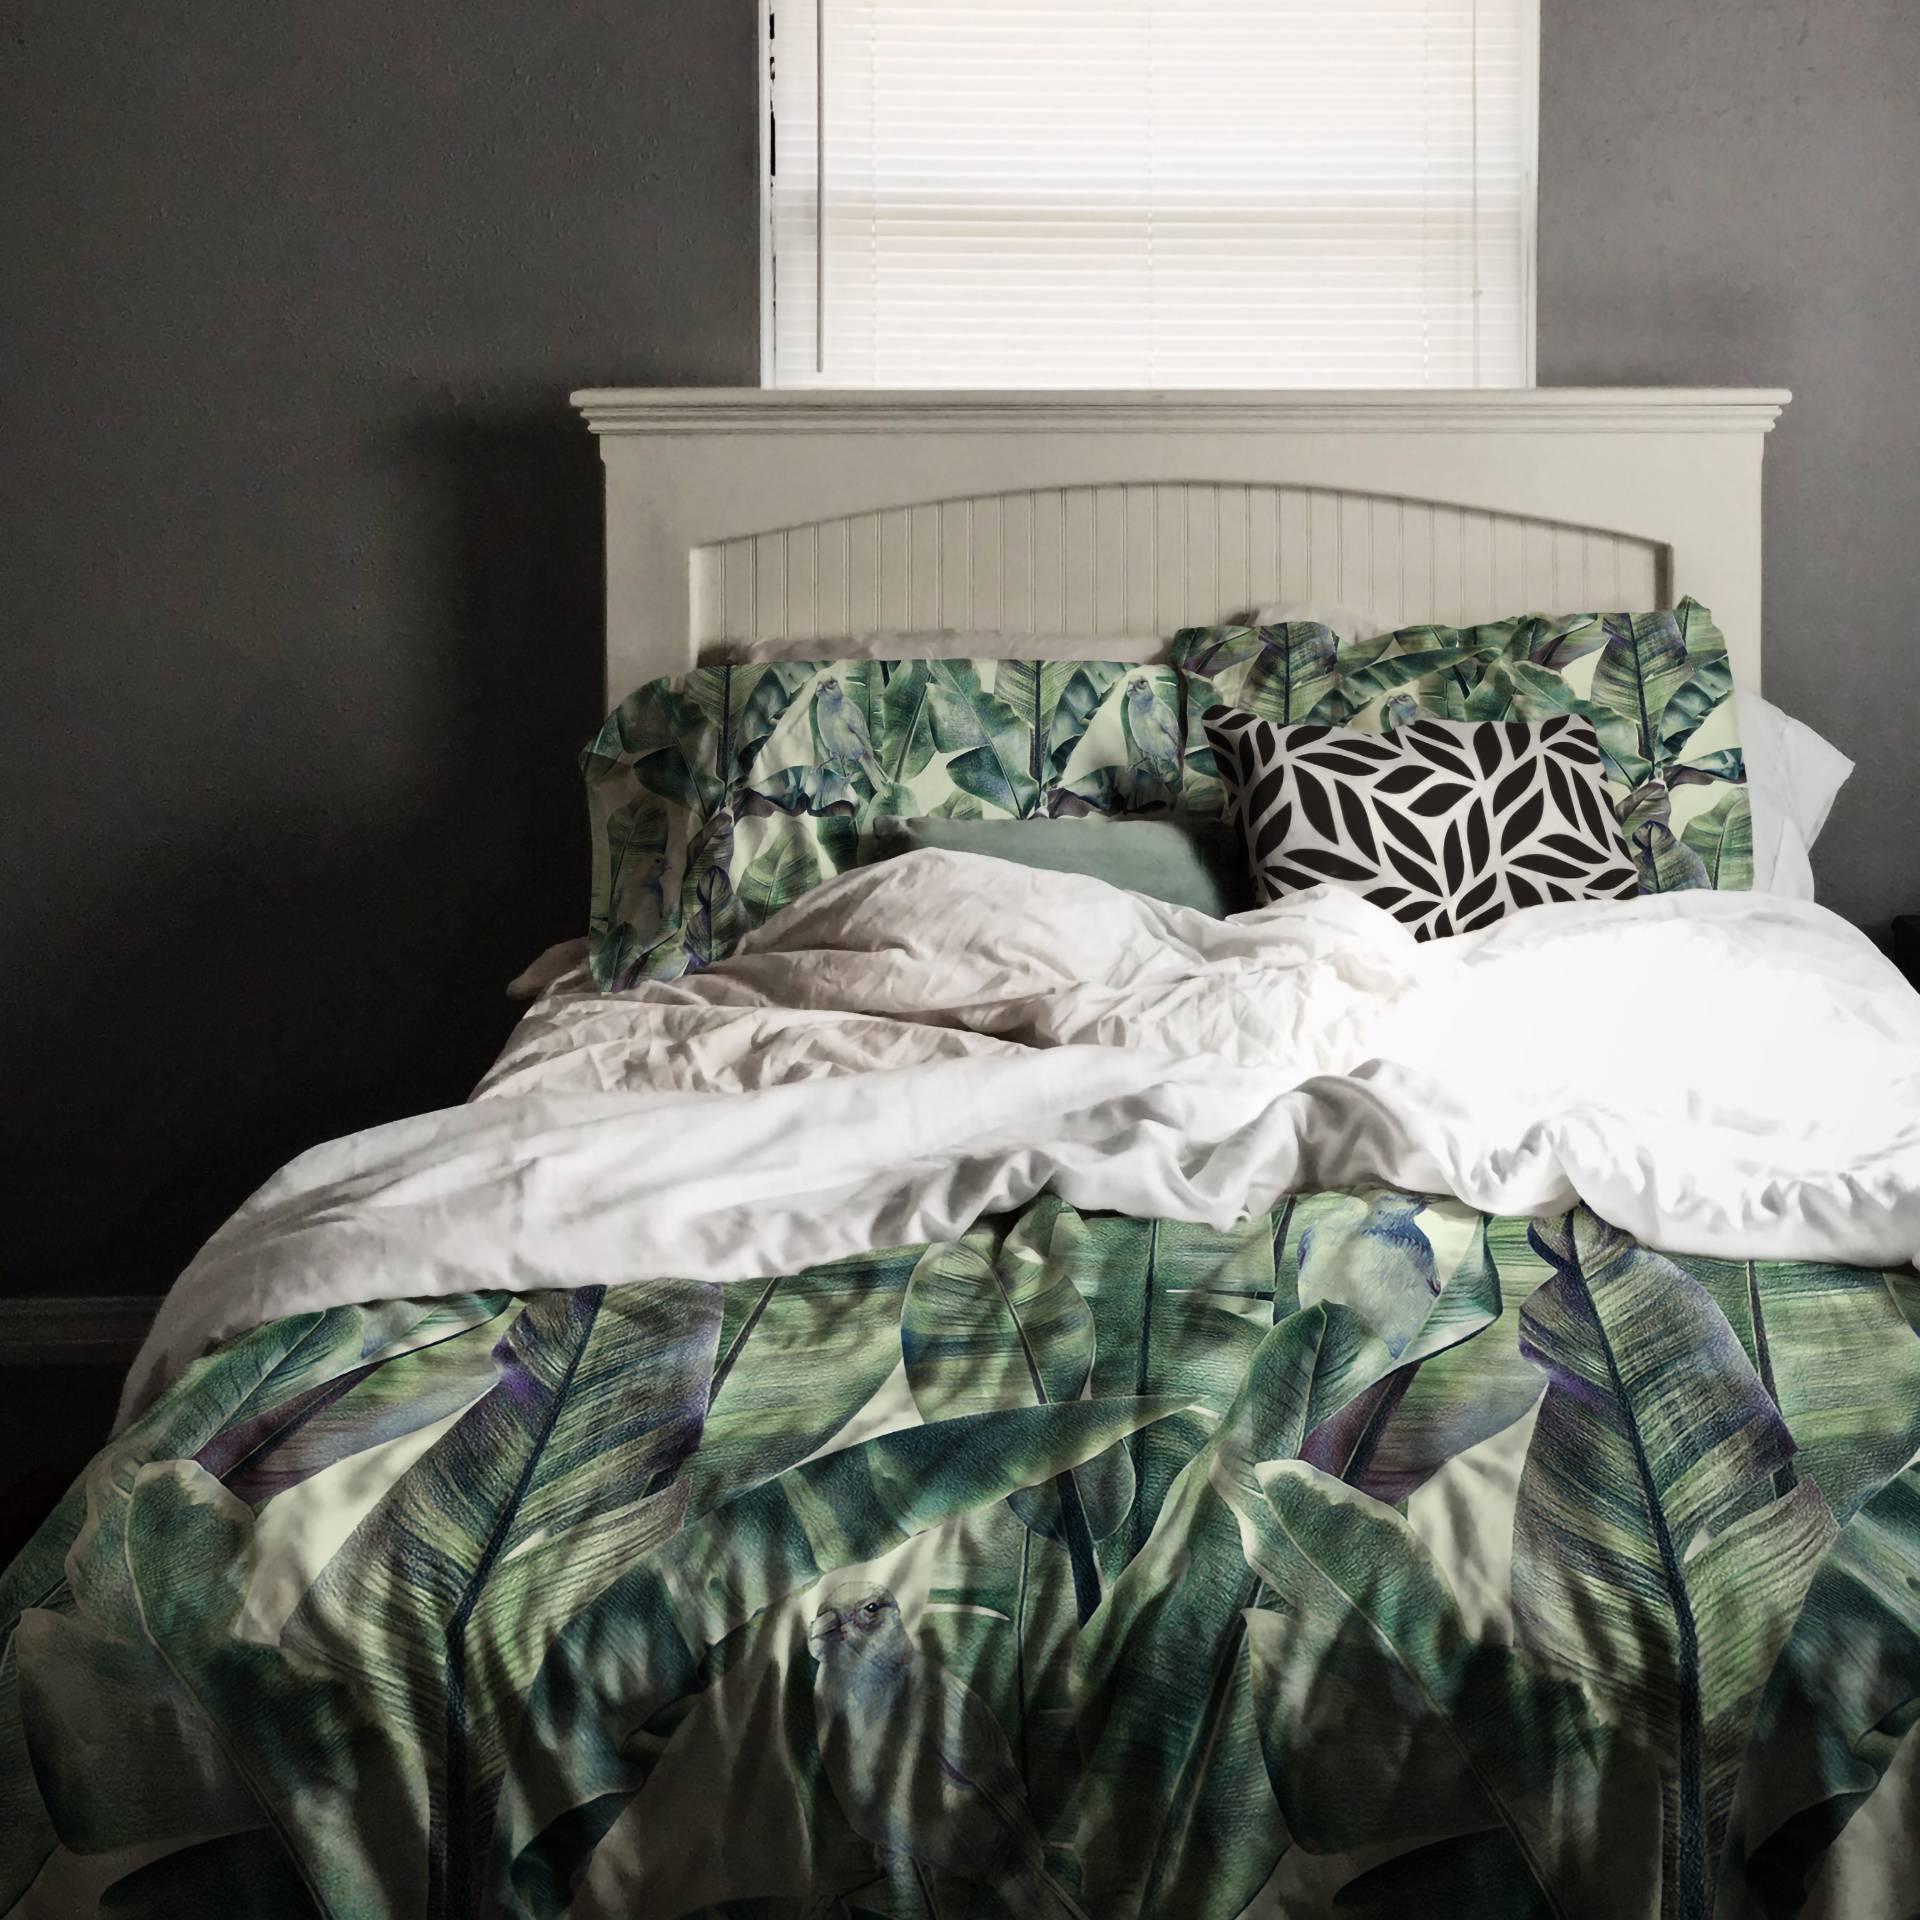 Piumoni Camera Da Letto classy jungle • classico - per camera da letto - eclettico - cuscini -  federe per piumoni - natura - fiori - sfondi e motivi • pixers.it